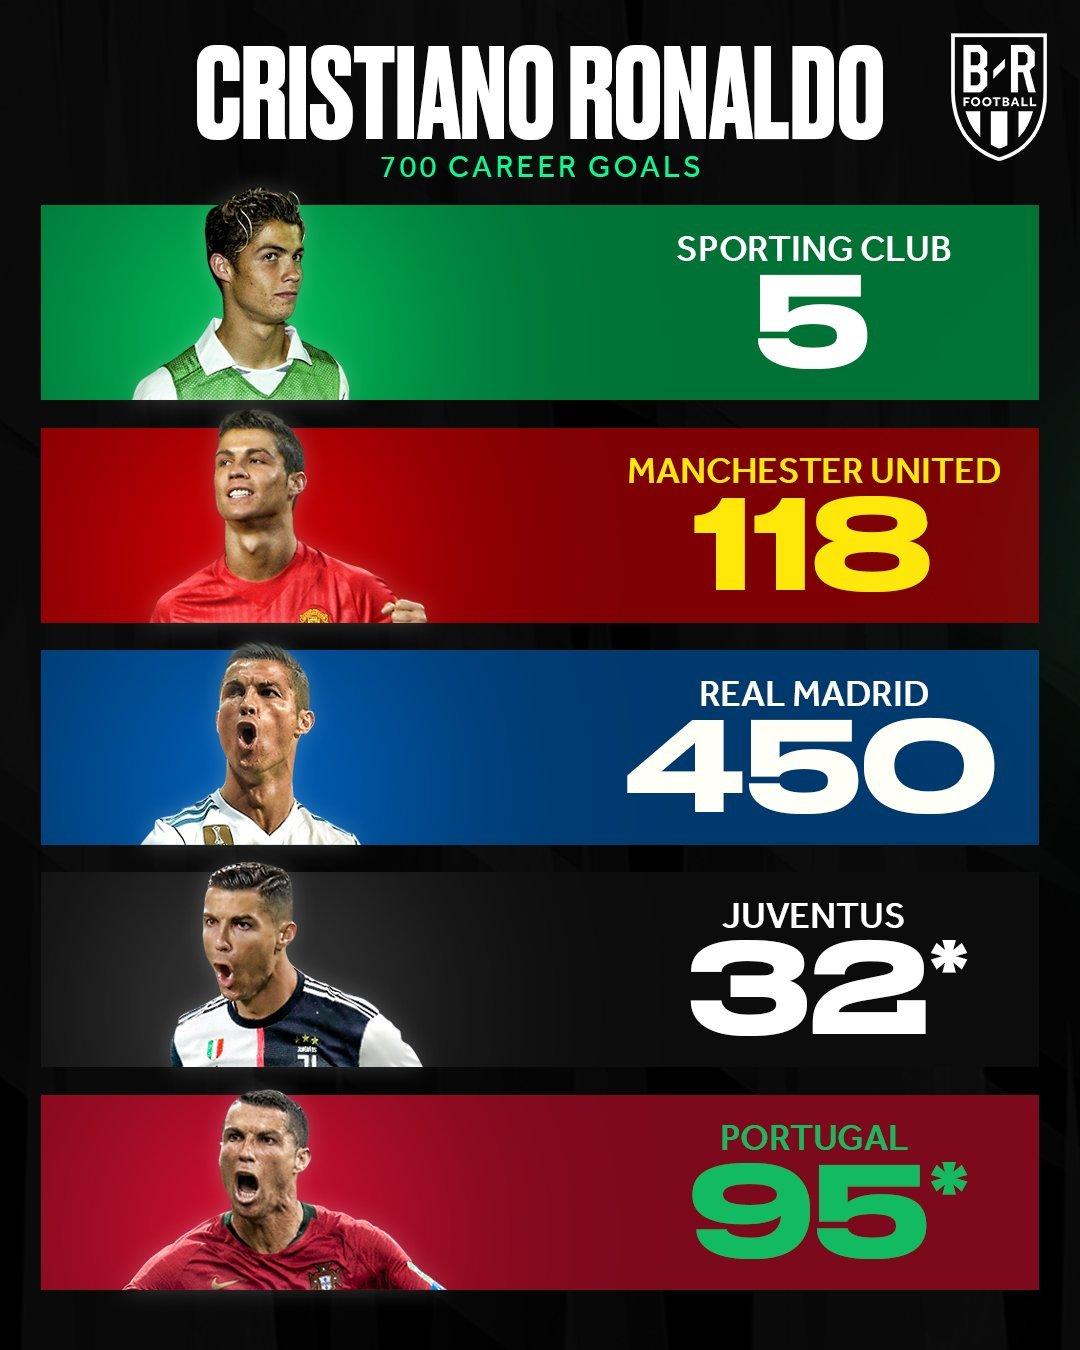 克里斯蒂亚诺罗纳尔多生涯700球的分布